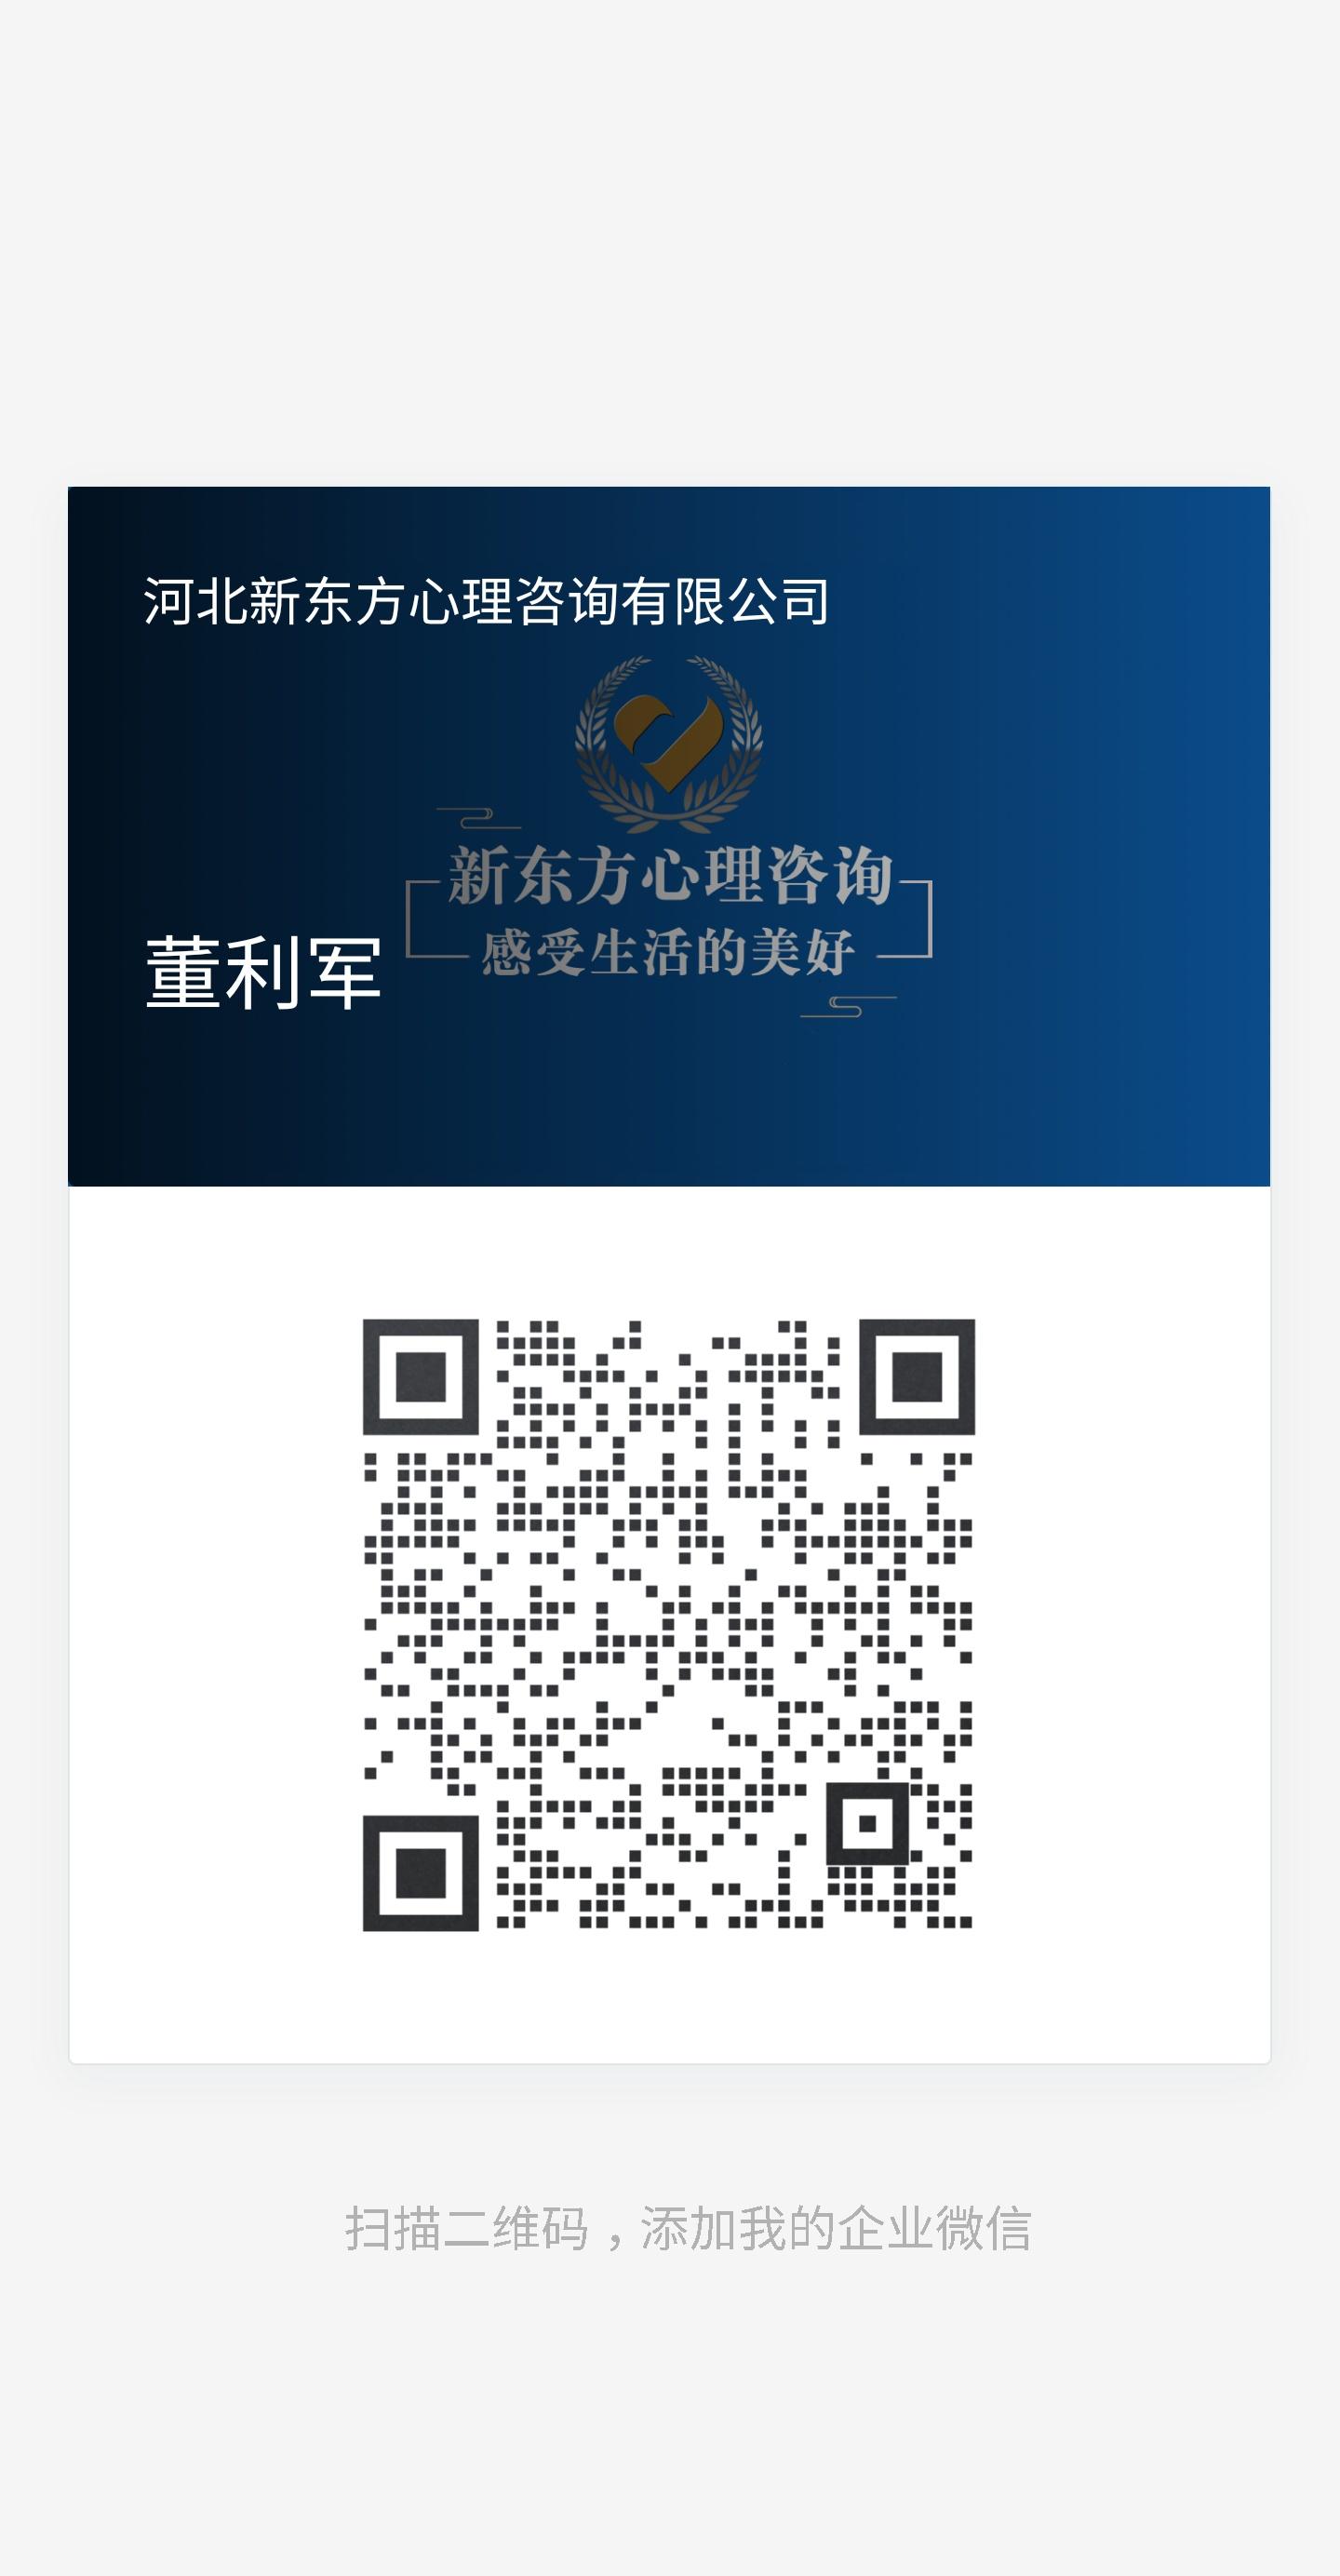 新东方心理咨询企业微信二维码